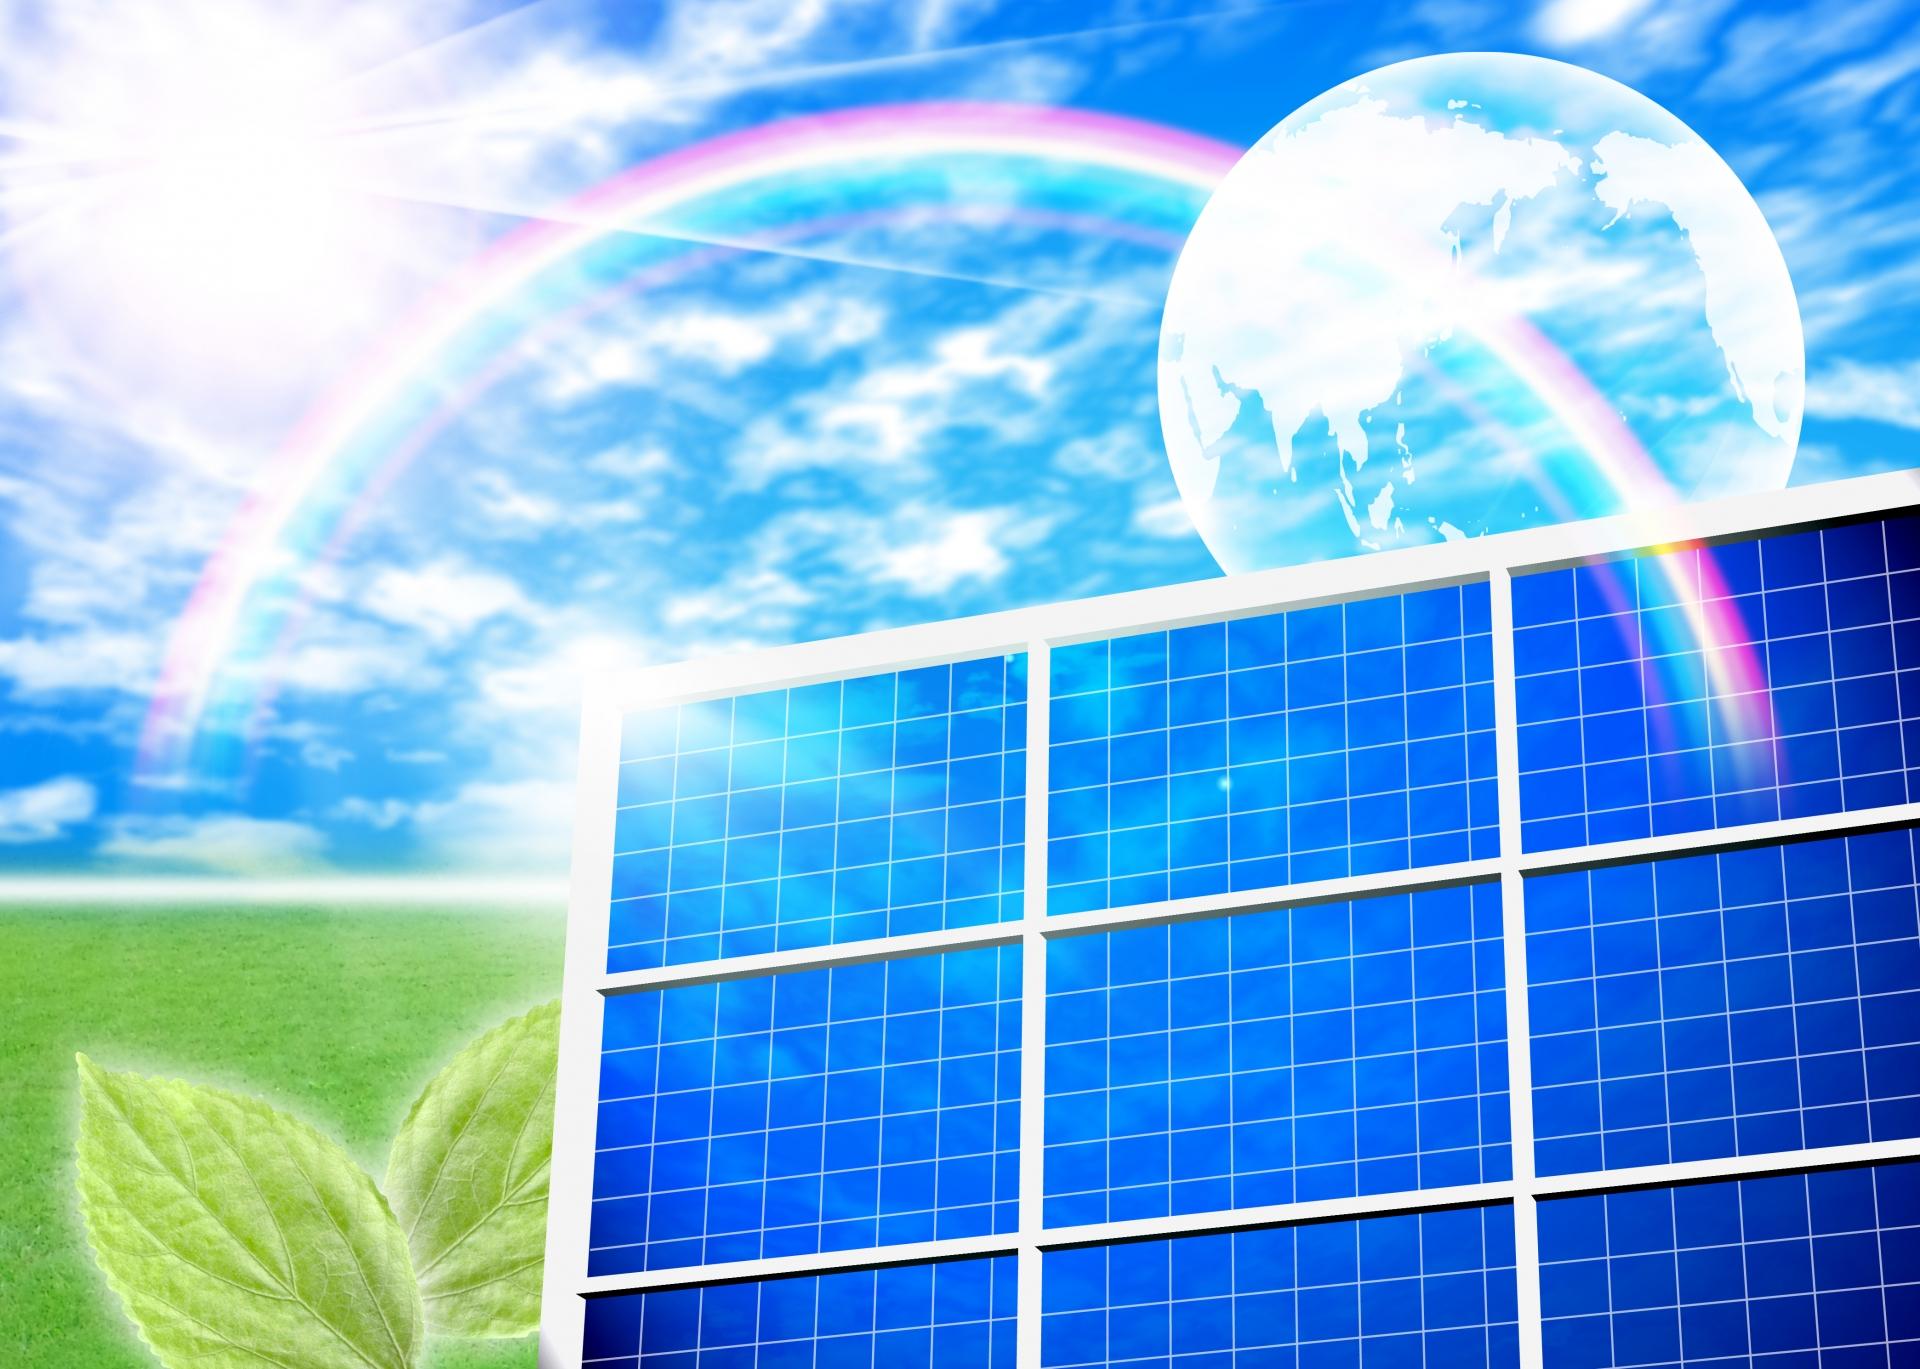 [9283]日本再生可能エネルギーインフラ投資法人の価格・分配金・保有物件・特徴について